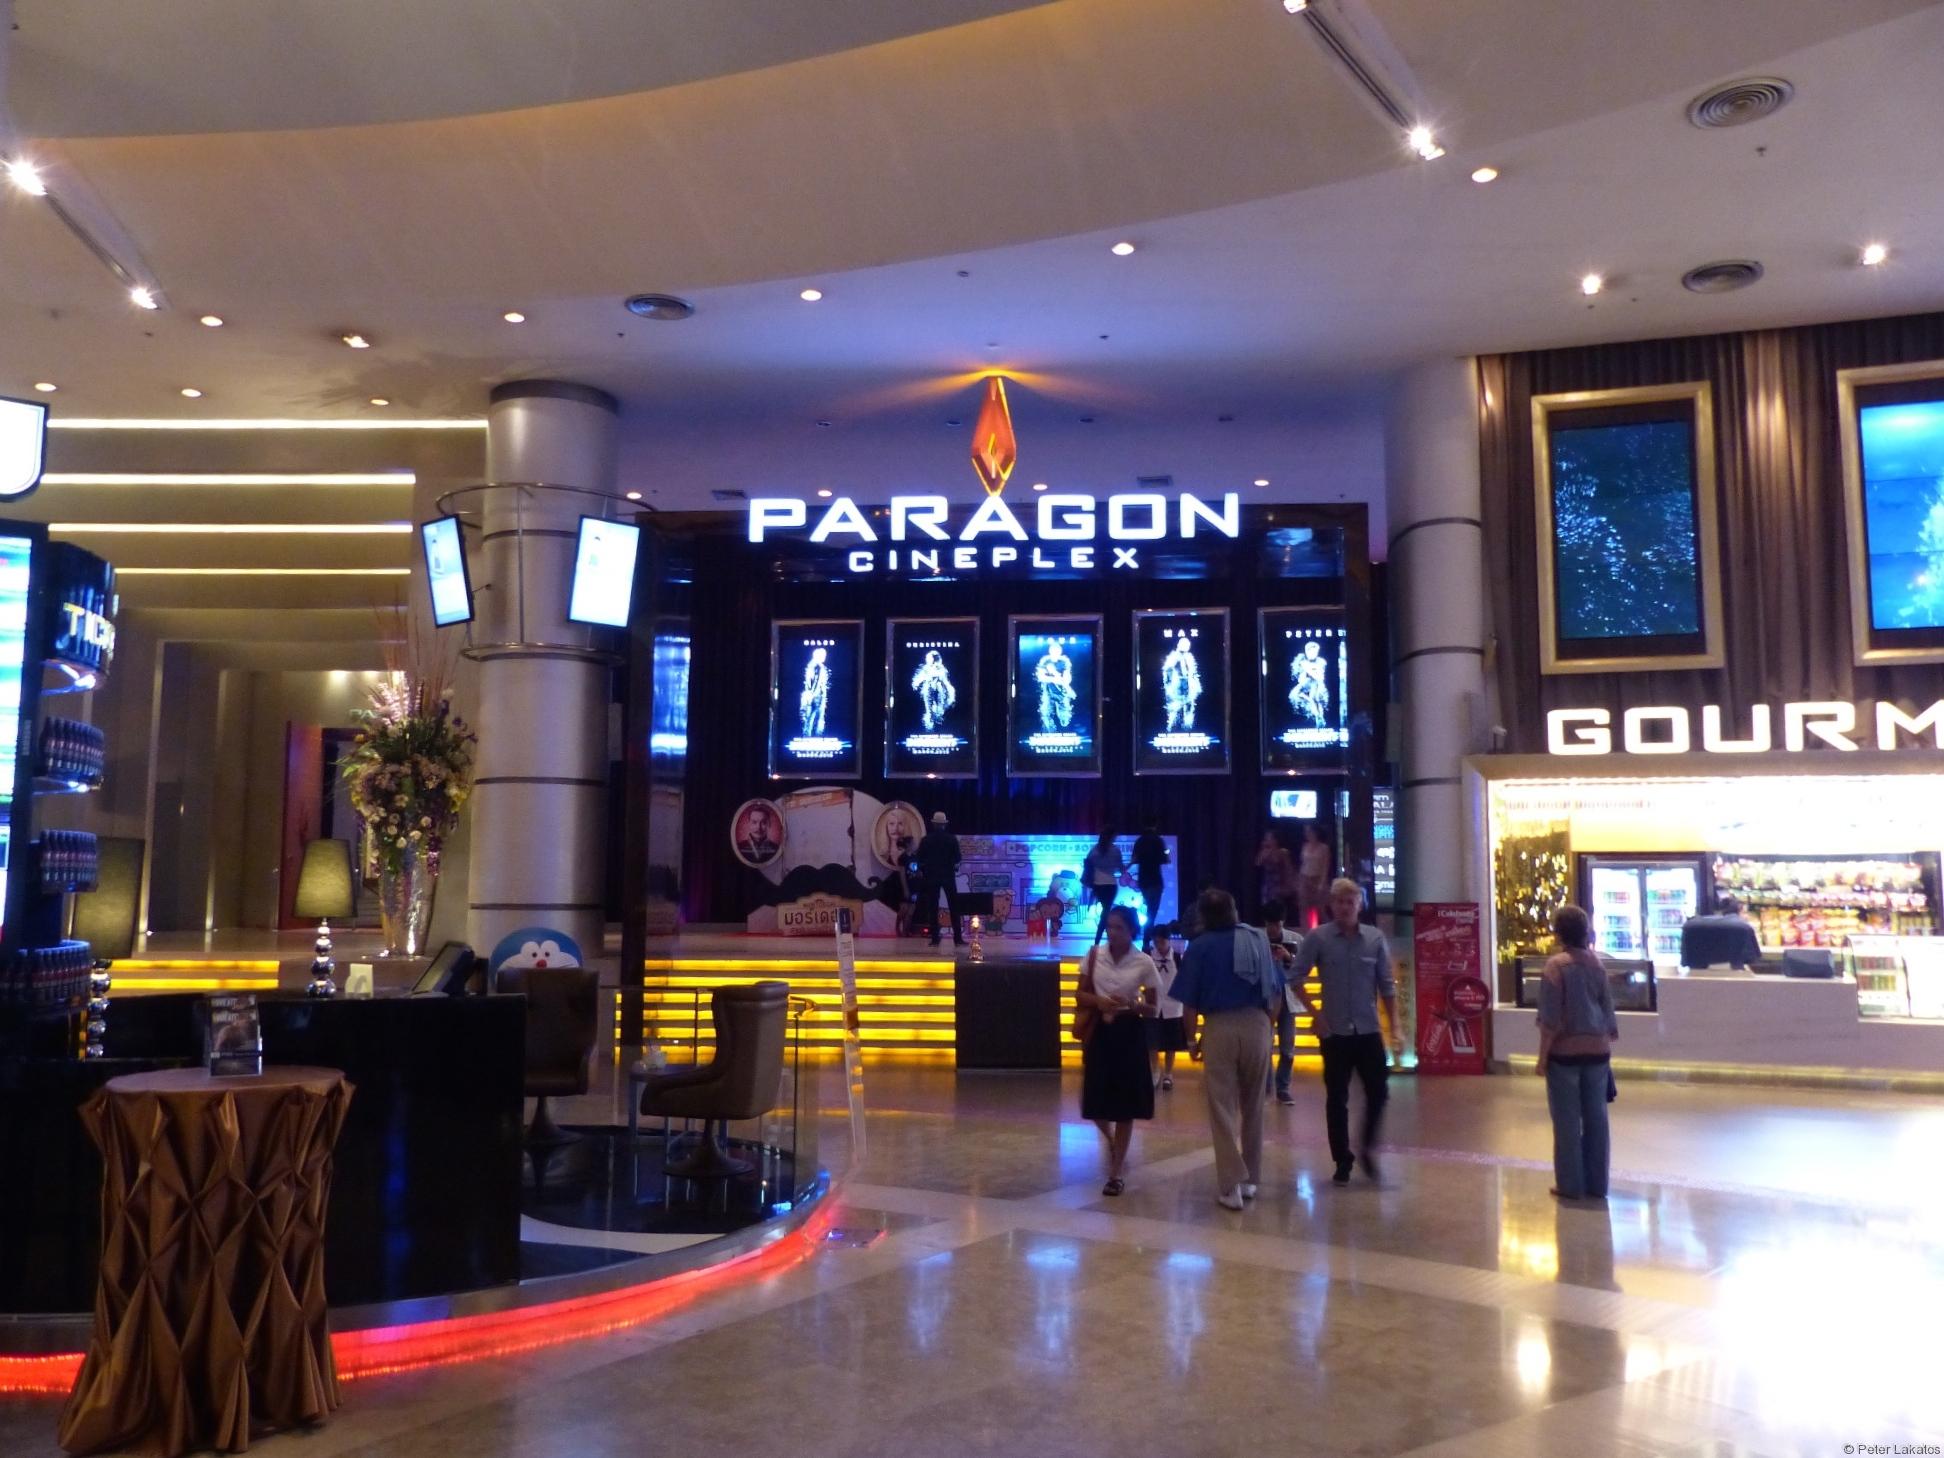 Paragon Cineplex Bangkok